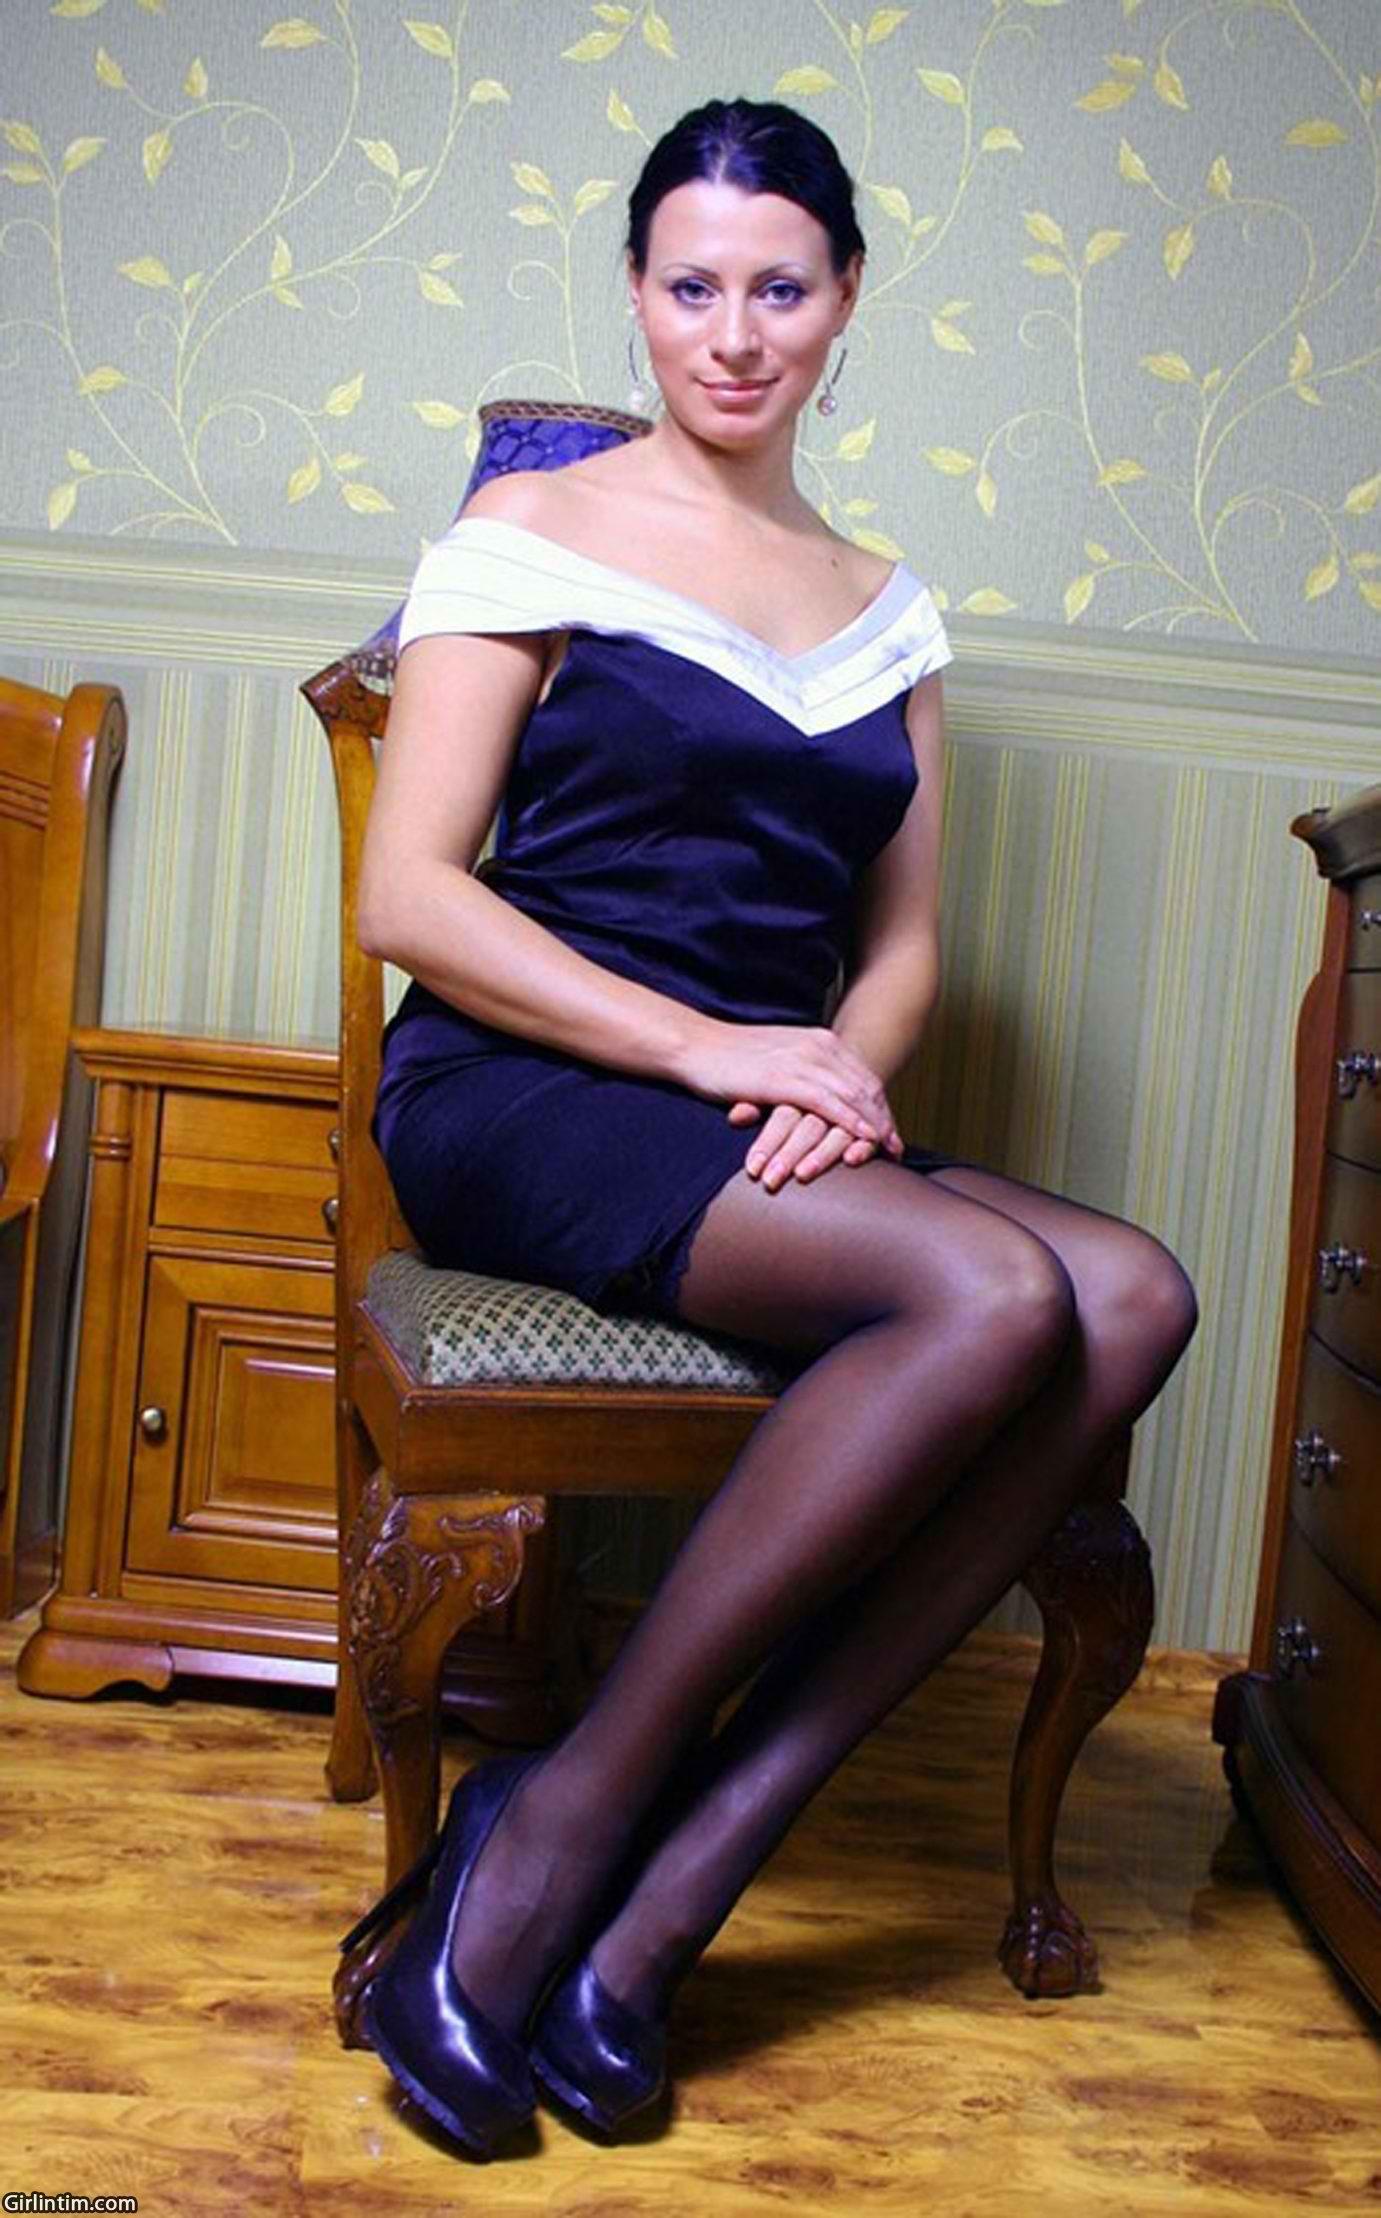 Праститутки москвы новые анкеты 3 фотография